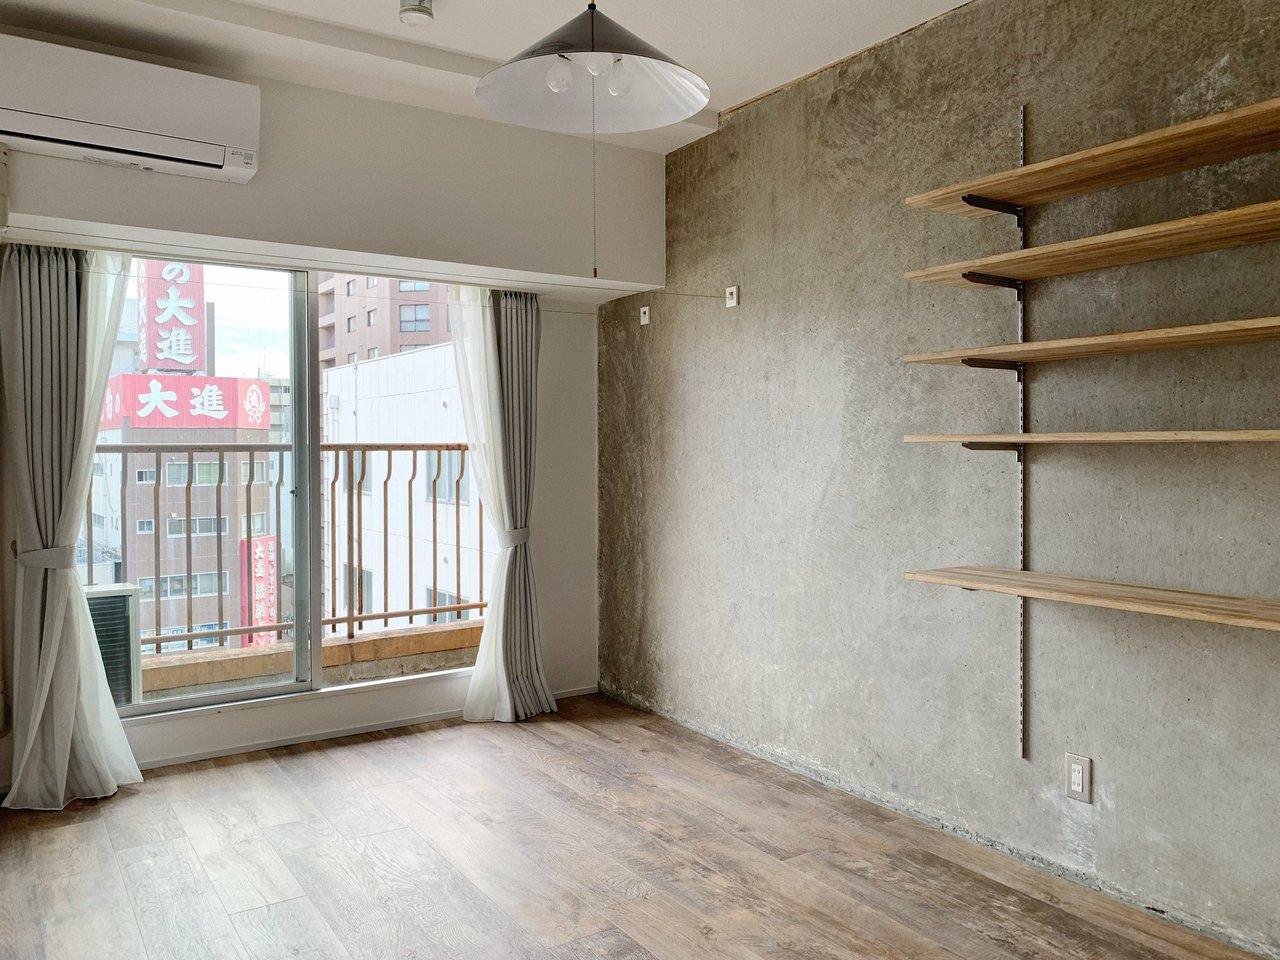 このコンクリ壁には絶対にドライフラワーが似合う!自分の好きな空間で、テイクアウトしたコーヒーでゆっくりカフェタイムもいいですね。